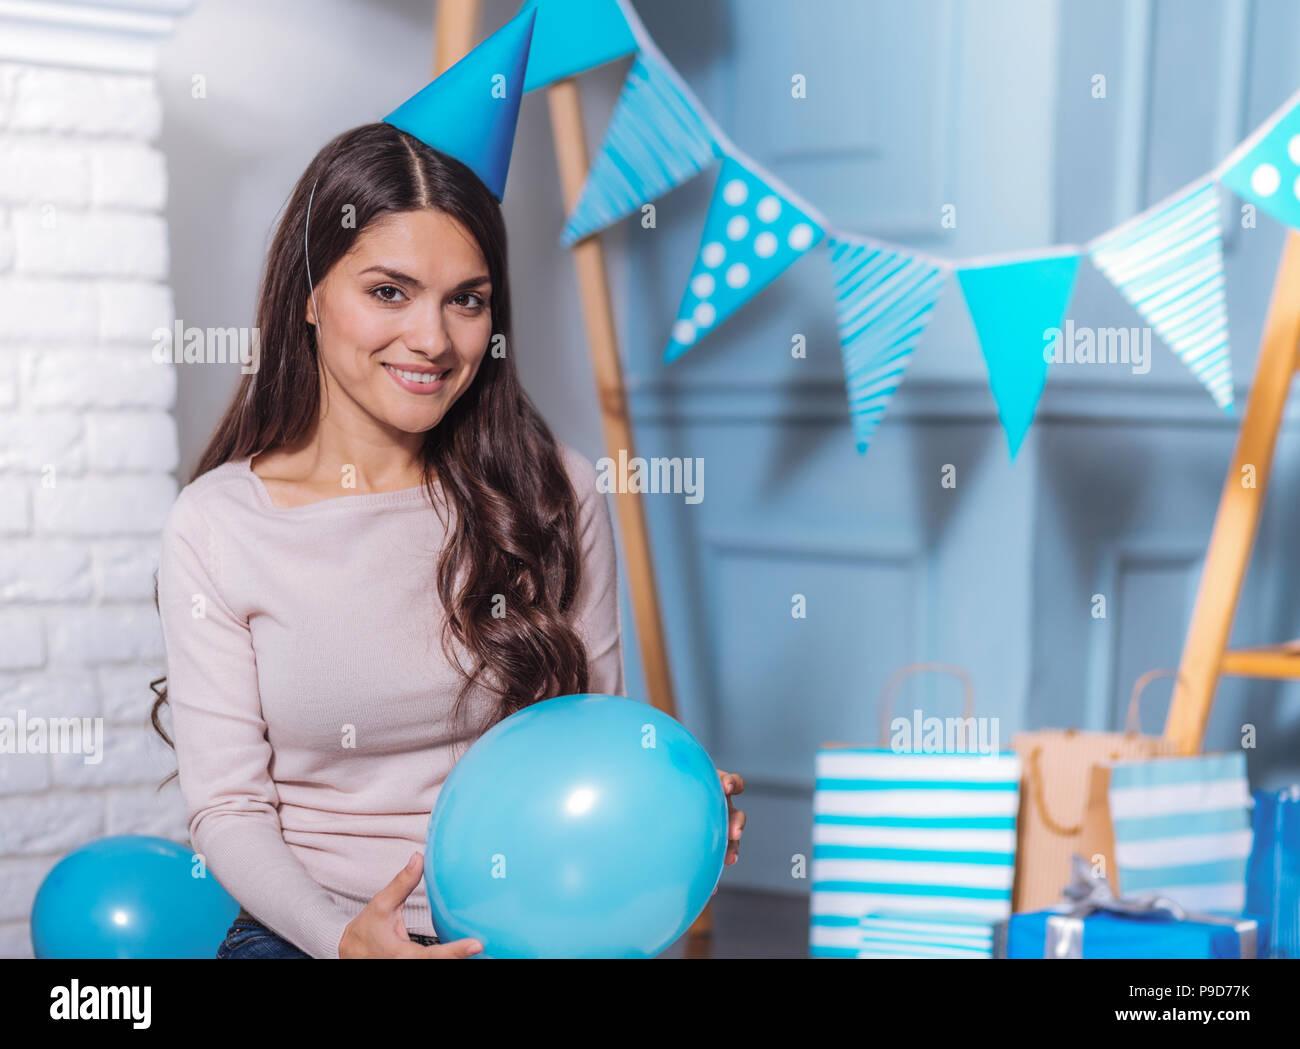 Habiendo chica alegre fiesta de cumpleaños Imagen De Stock